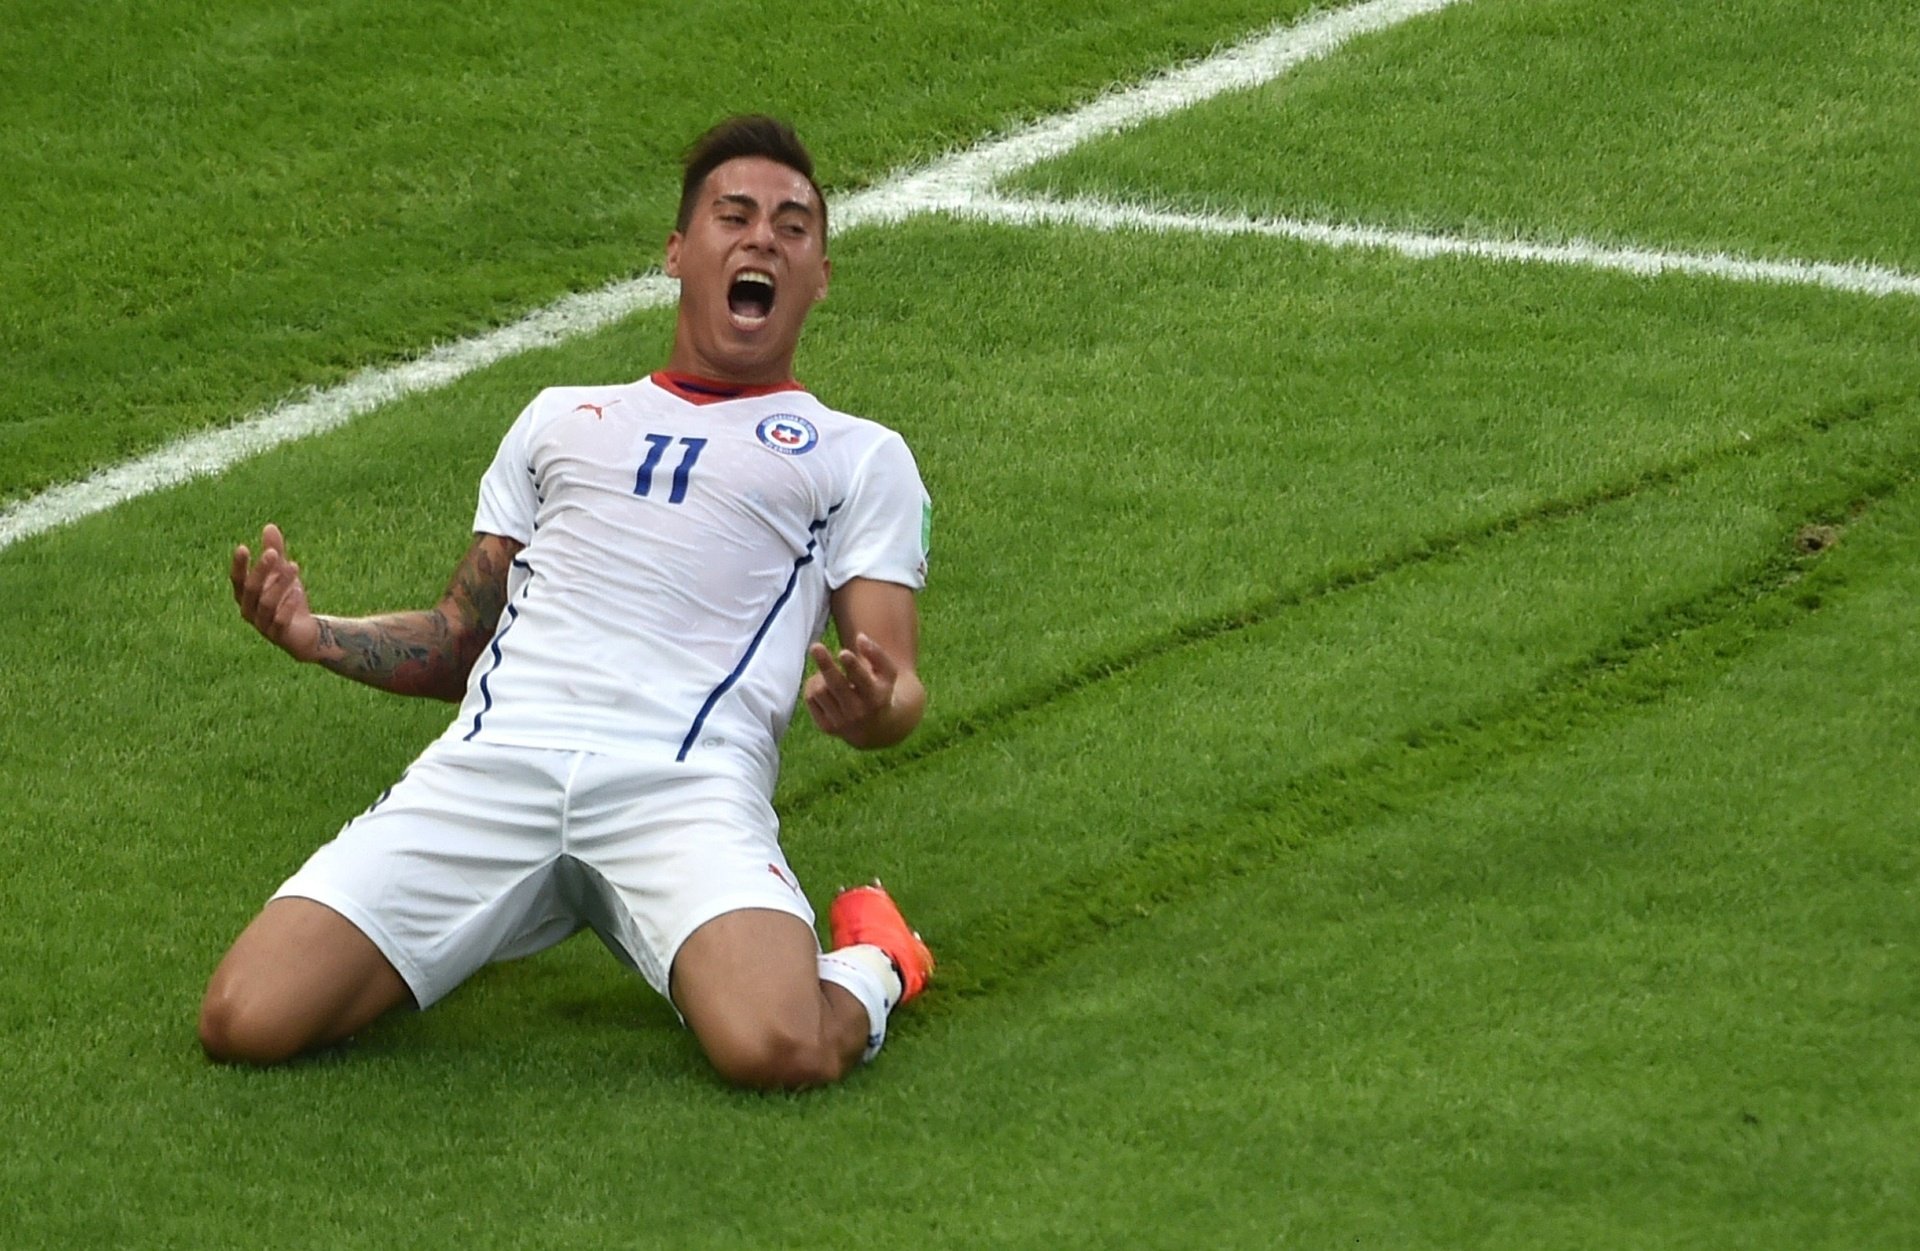 Chileno Vargas deixa marcas no gramado do Maracanã na vitória contra a Espanha por 2 a 0